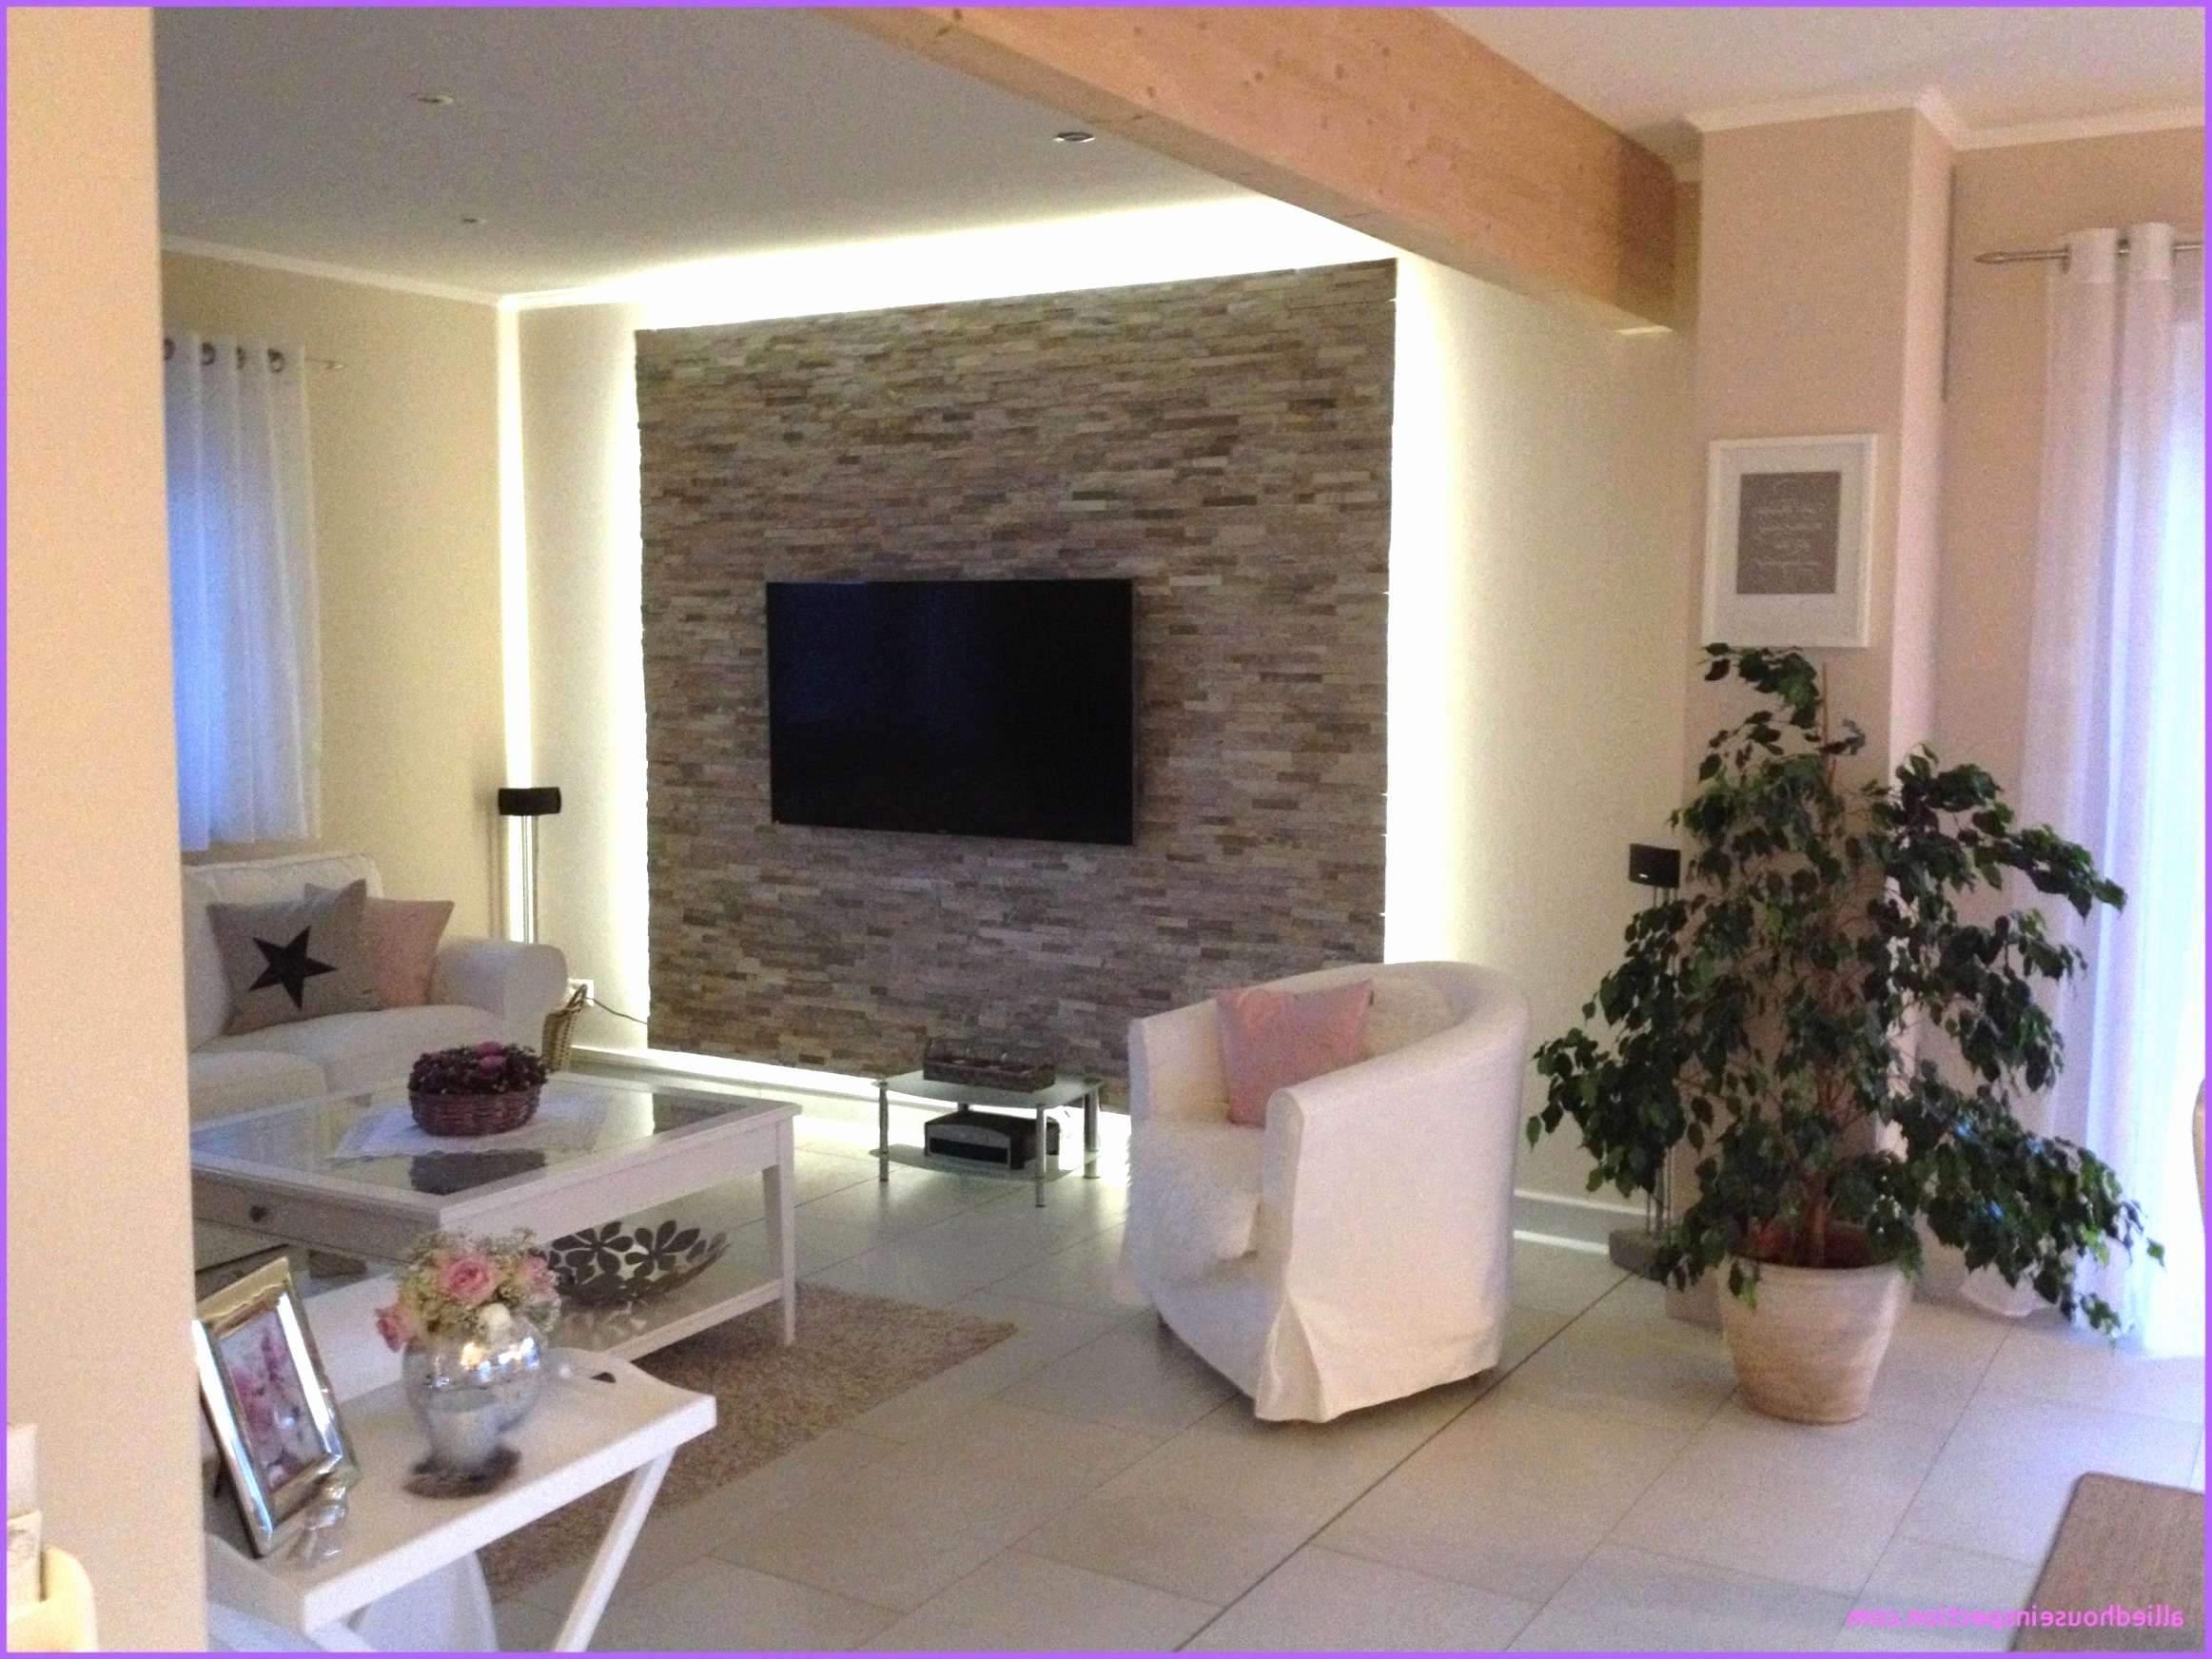 Full Size of Wohnzimmer Deko Ideen Gold Instagram Modern Grau Holz Pinterest Silber Wand Ikea Neu Genial Frisch Deckenlampe Hängelampe Sideboard Stehlampe Sofa Kleines Wohnzimmer Wohnzimmer Deko Ideen